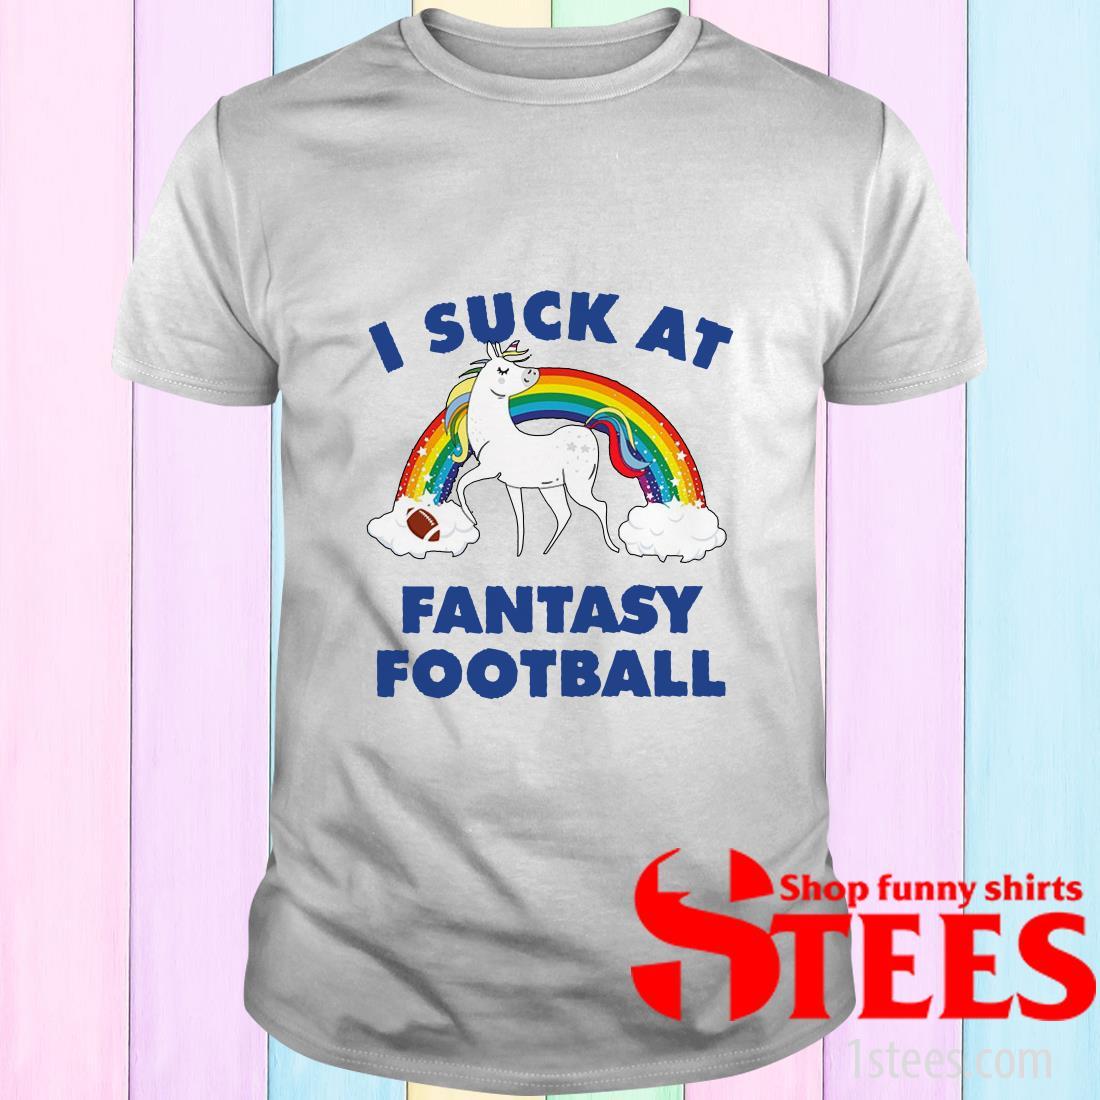 I Suck At Fantasy Football Shirt